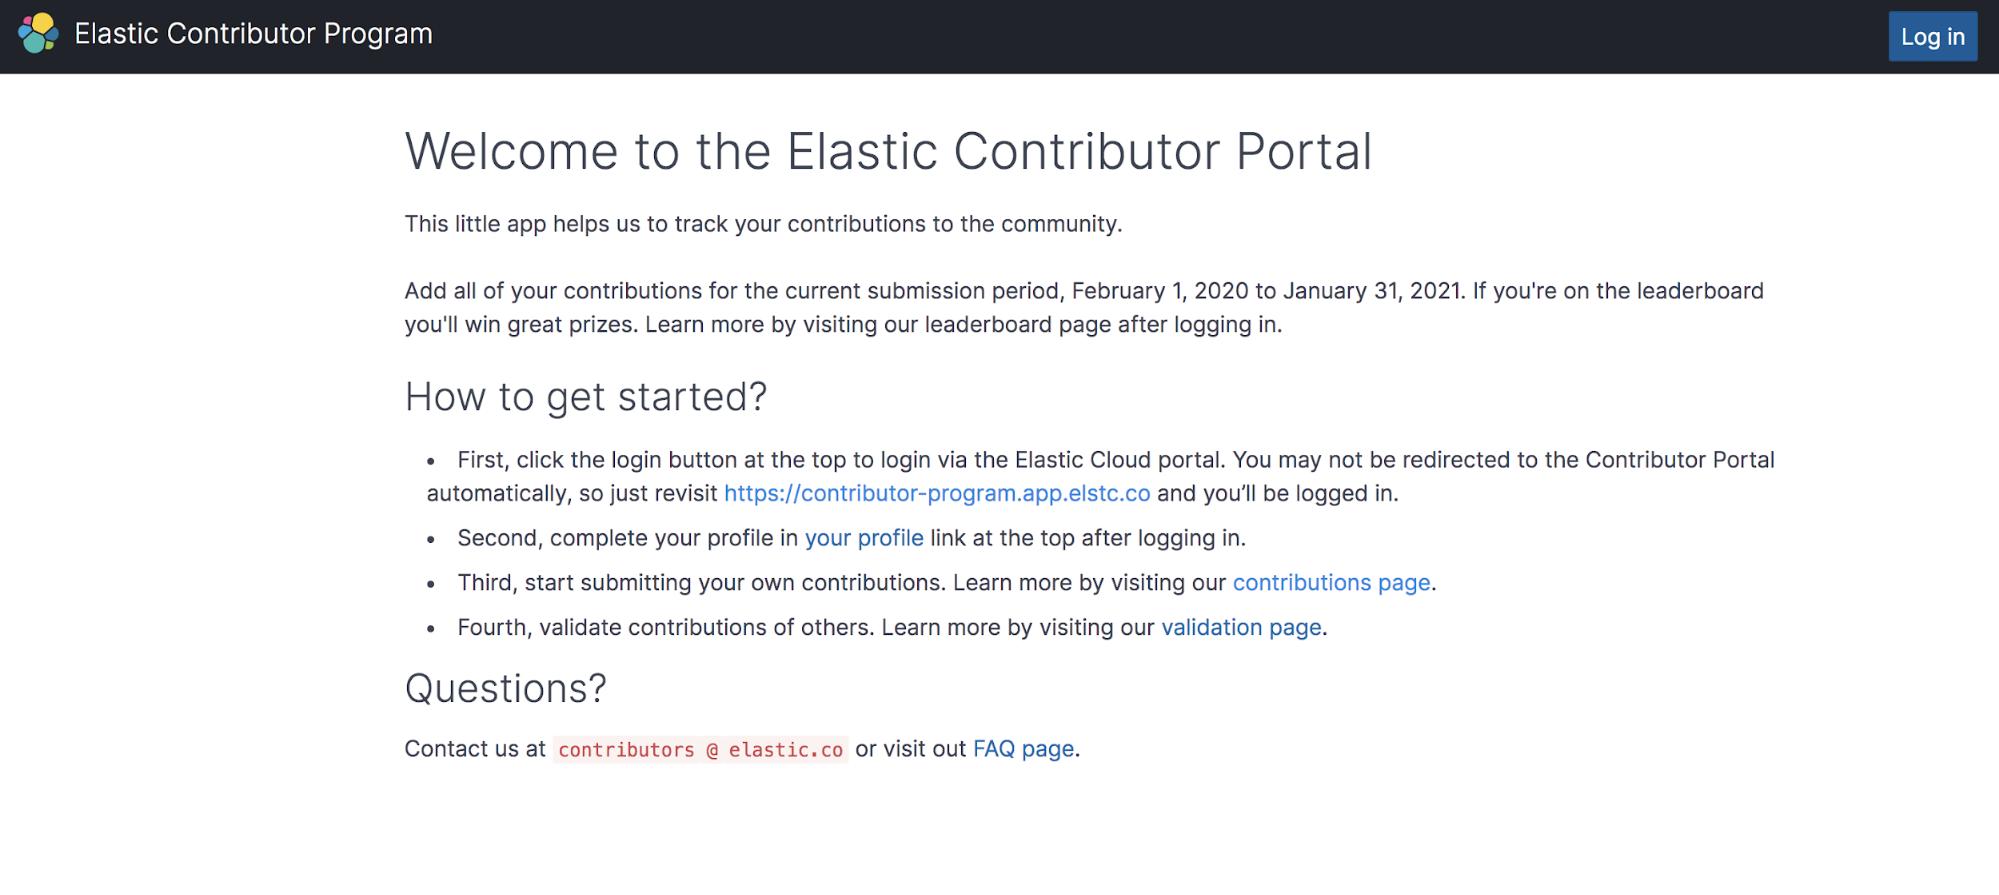 Elastic 기여자 프로그램 시작 화면